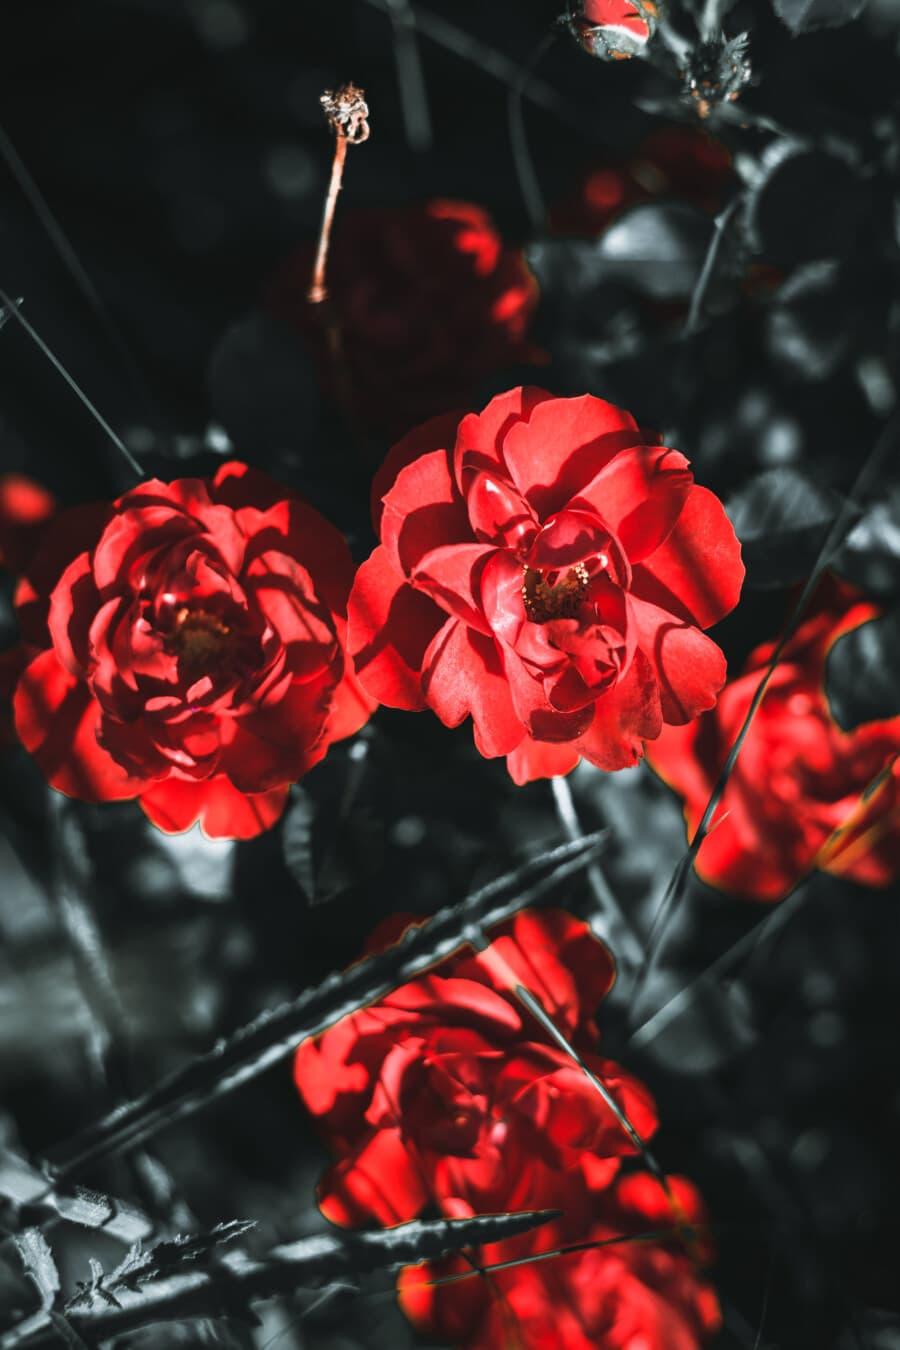 jardin fleuri, fleurs, rouge foncé, branches, buisson, arbuste, plante, pétale, fleur, feuille